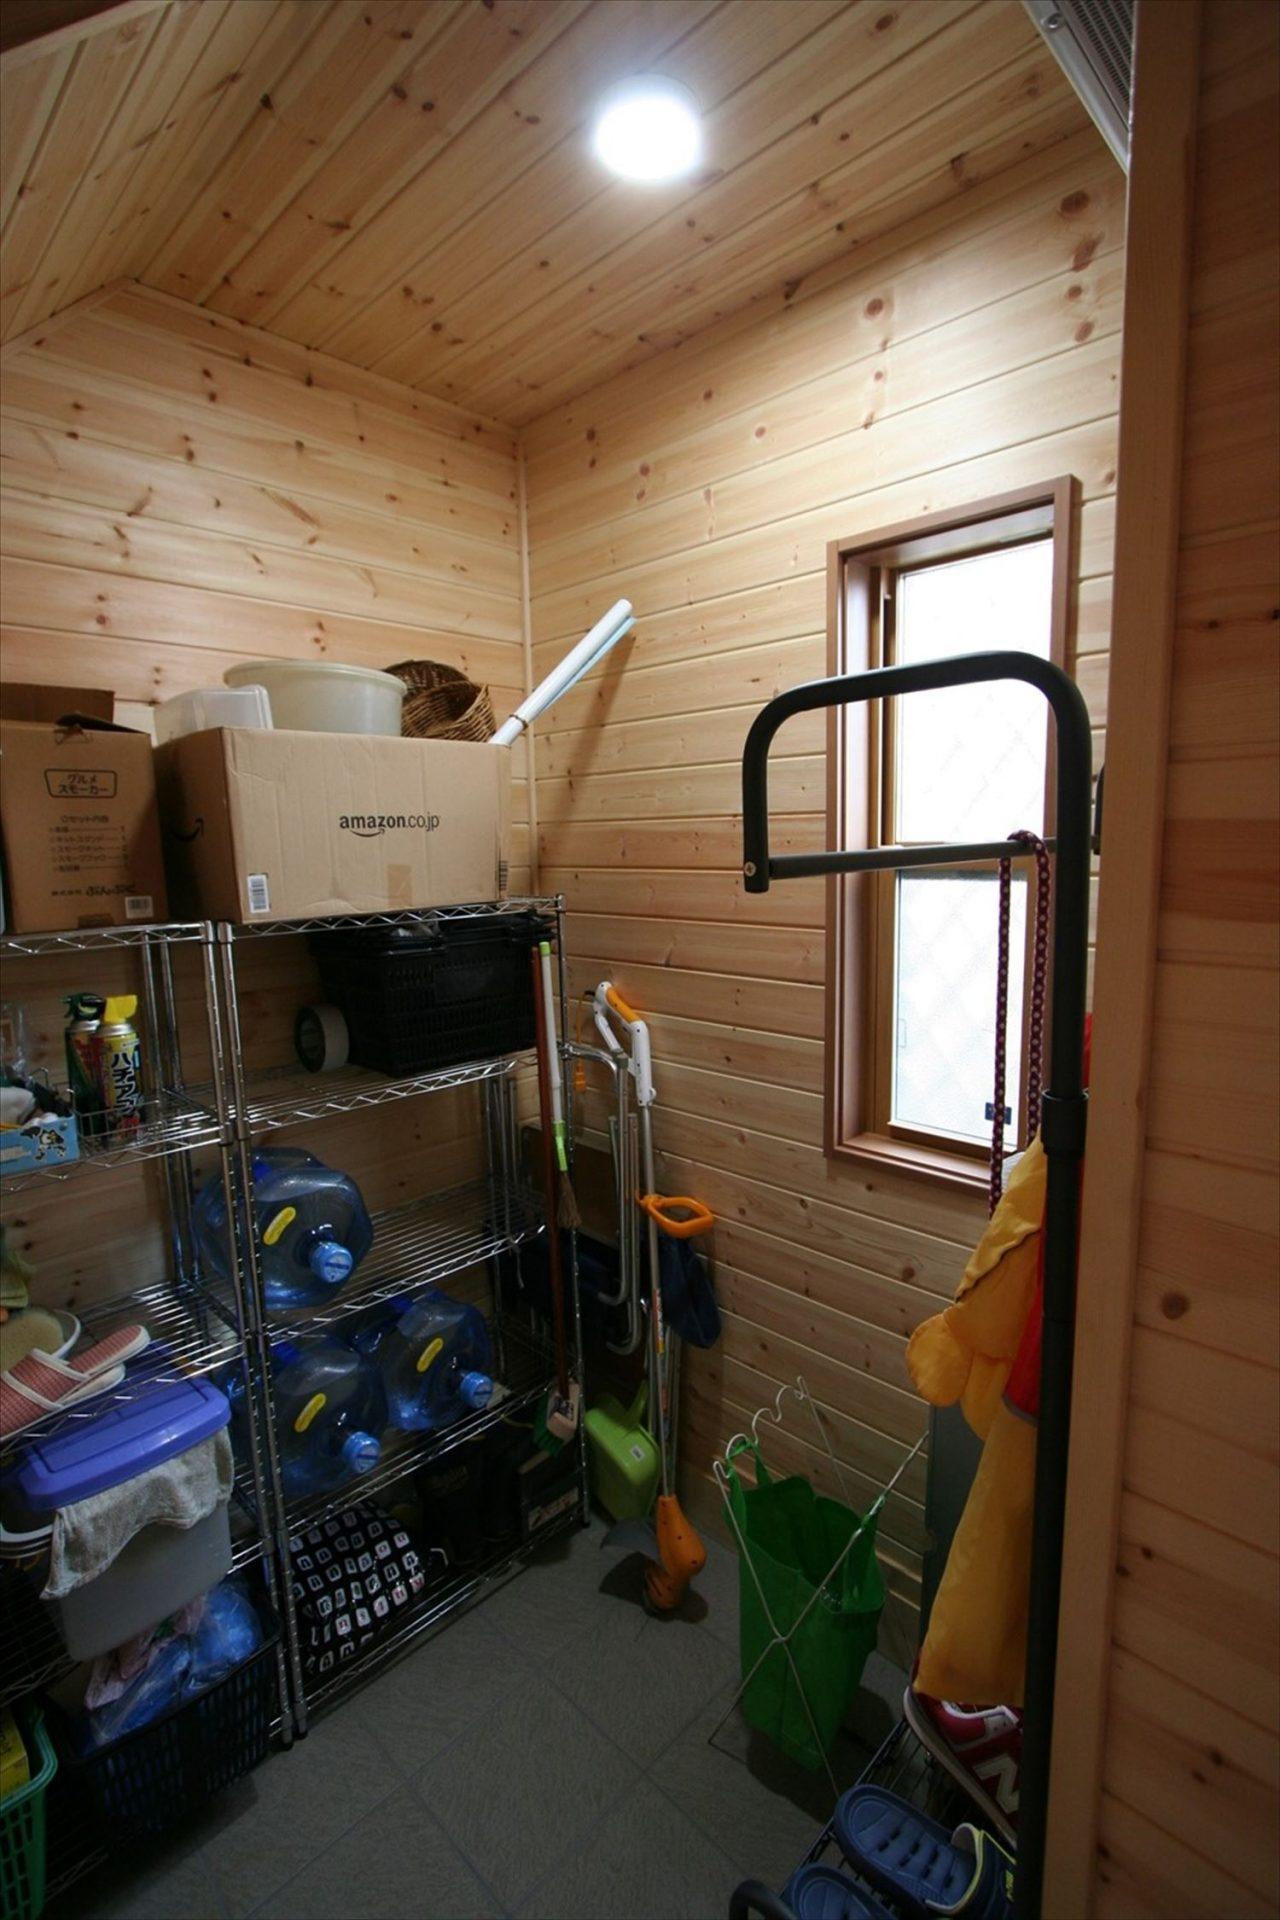 玄関収納があるので、重い物やスポーツ用品も収納可能